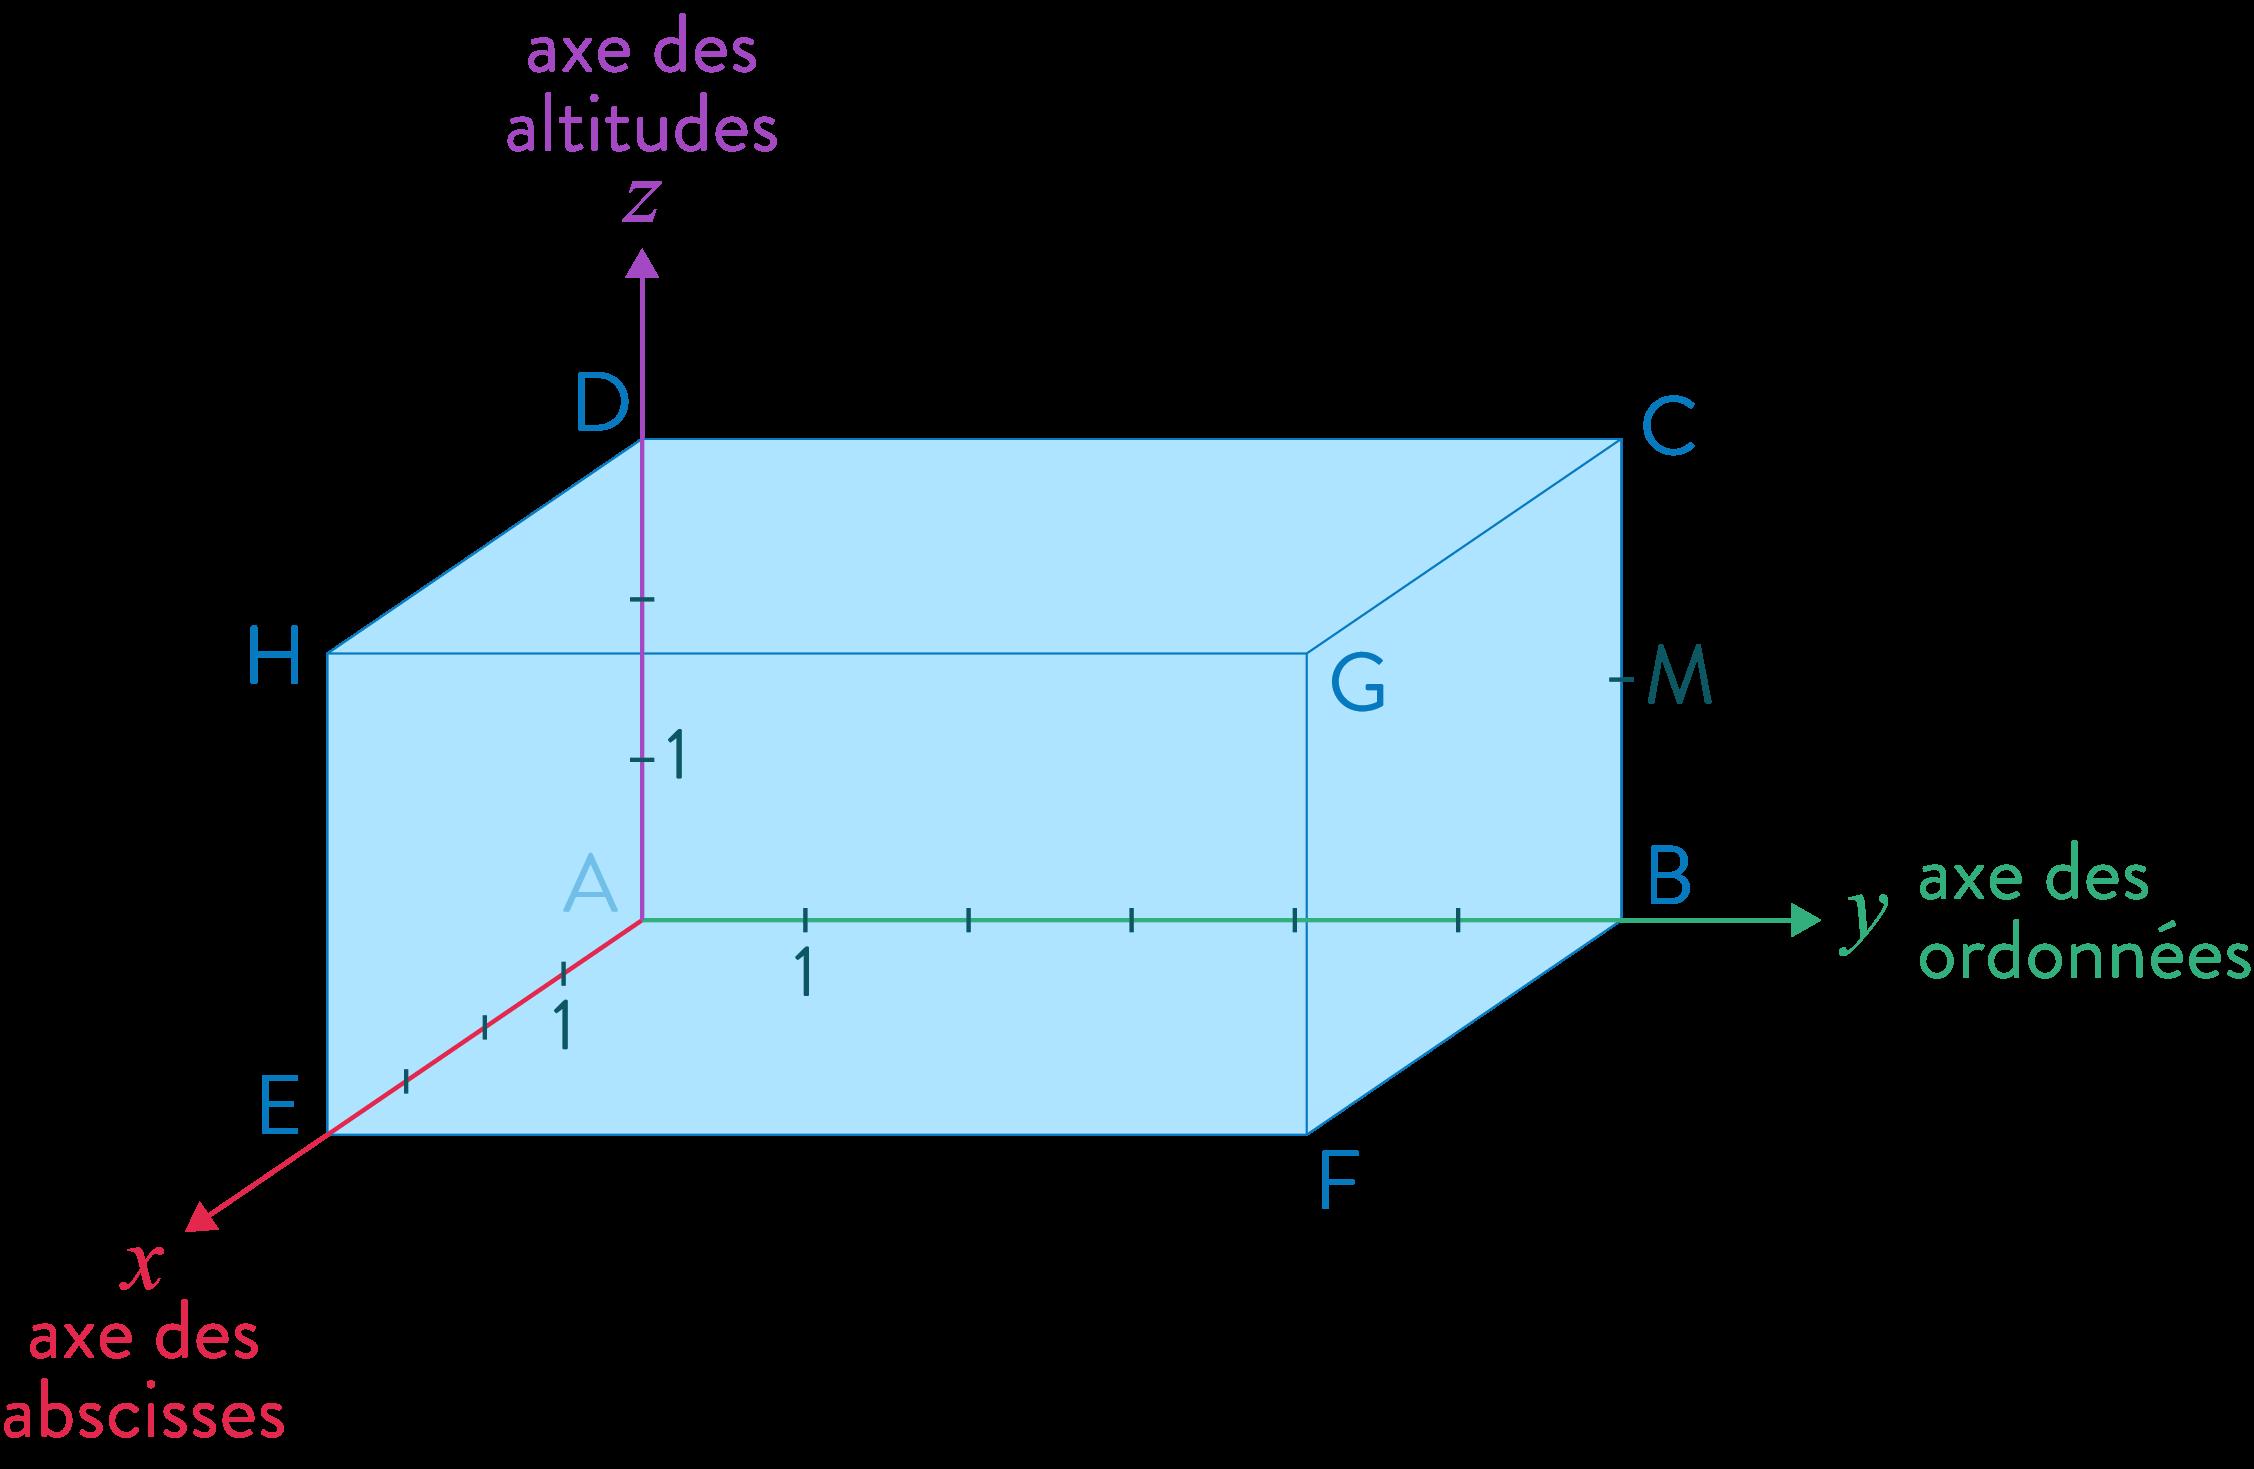 repère axe ordonnées abscisses altitudes mathématiques quatrième